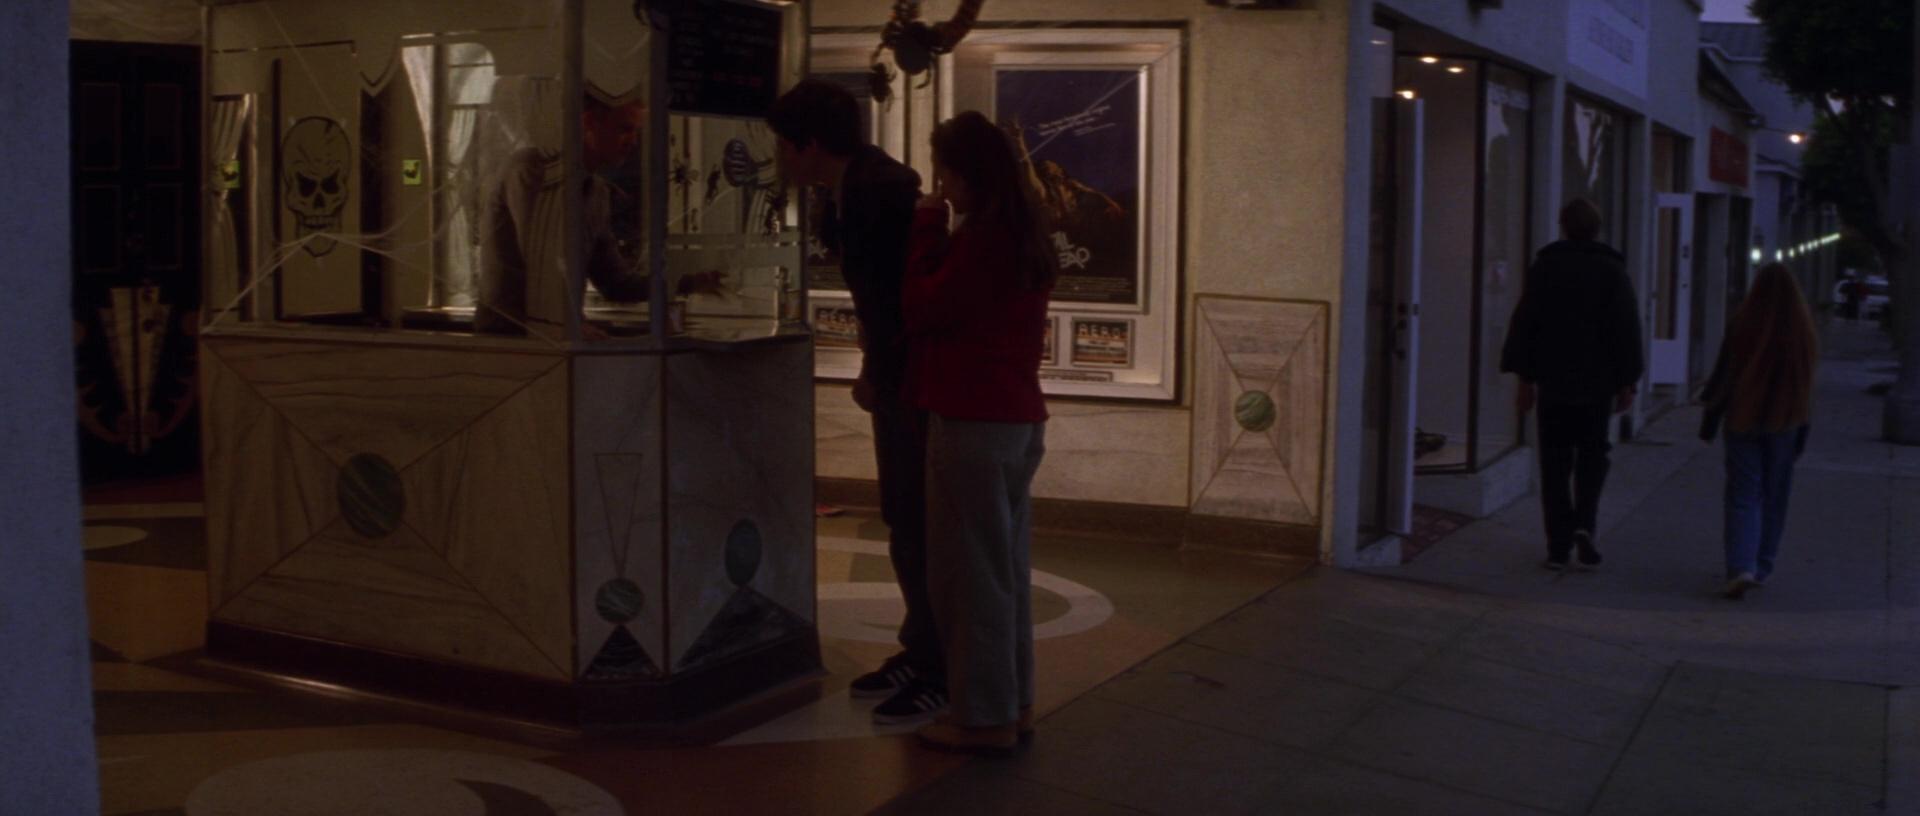 Donnie Darko film still 2